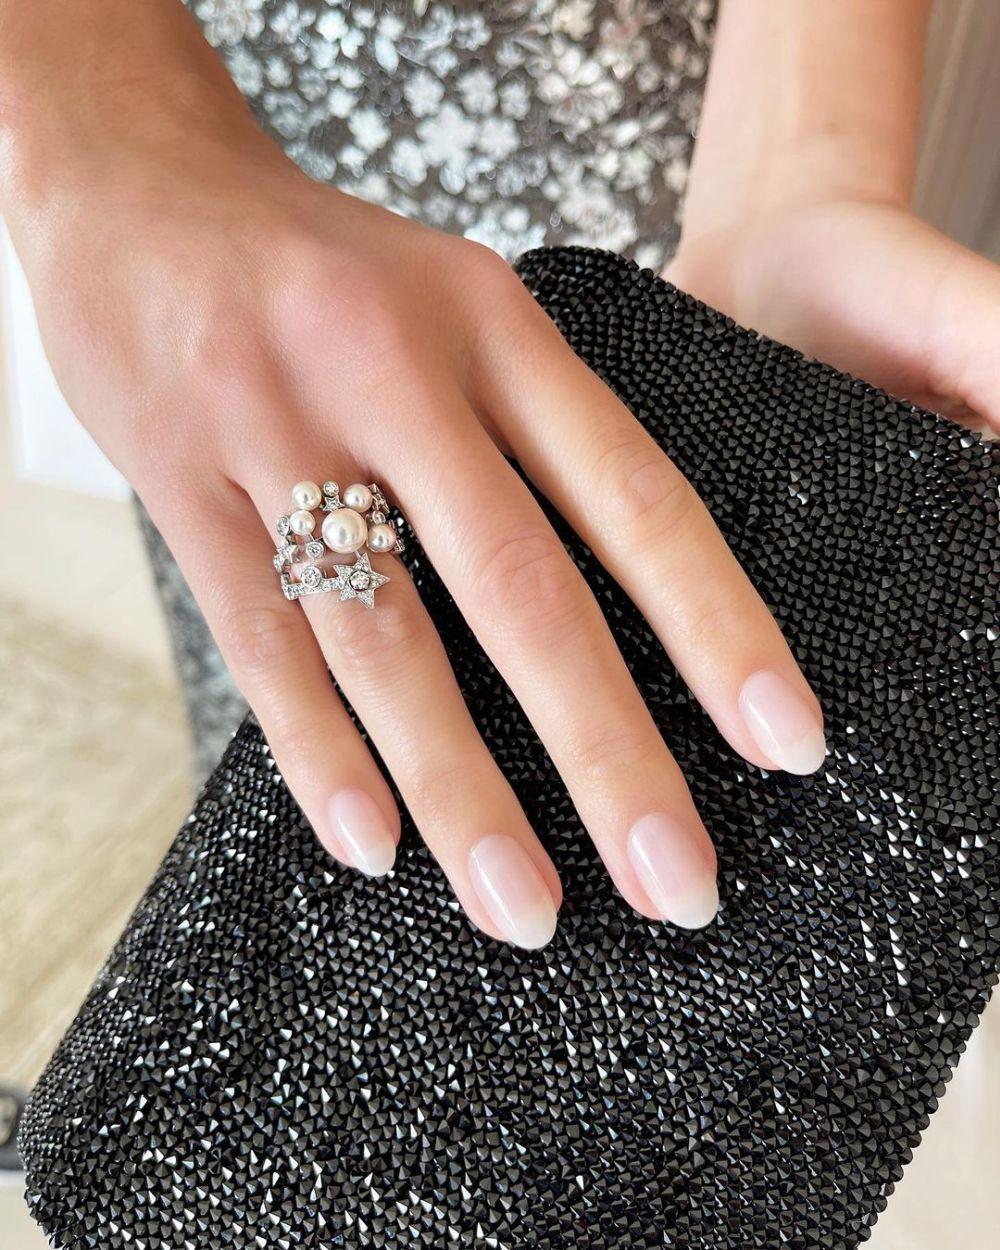 La manicura de Margot Robbie realizada por Tom Bachik con esmalte de uñas Ballerina de Chanel.